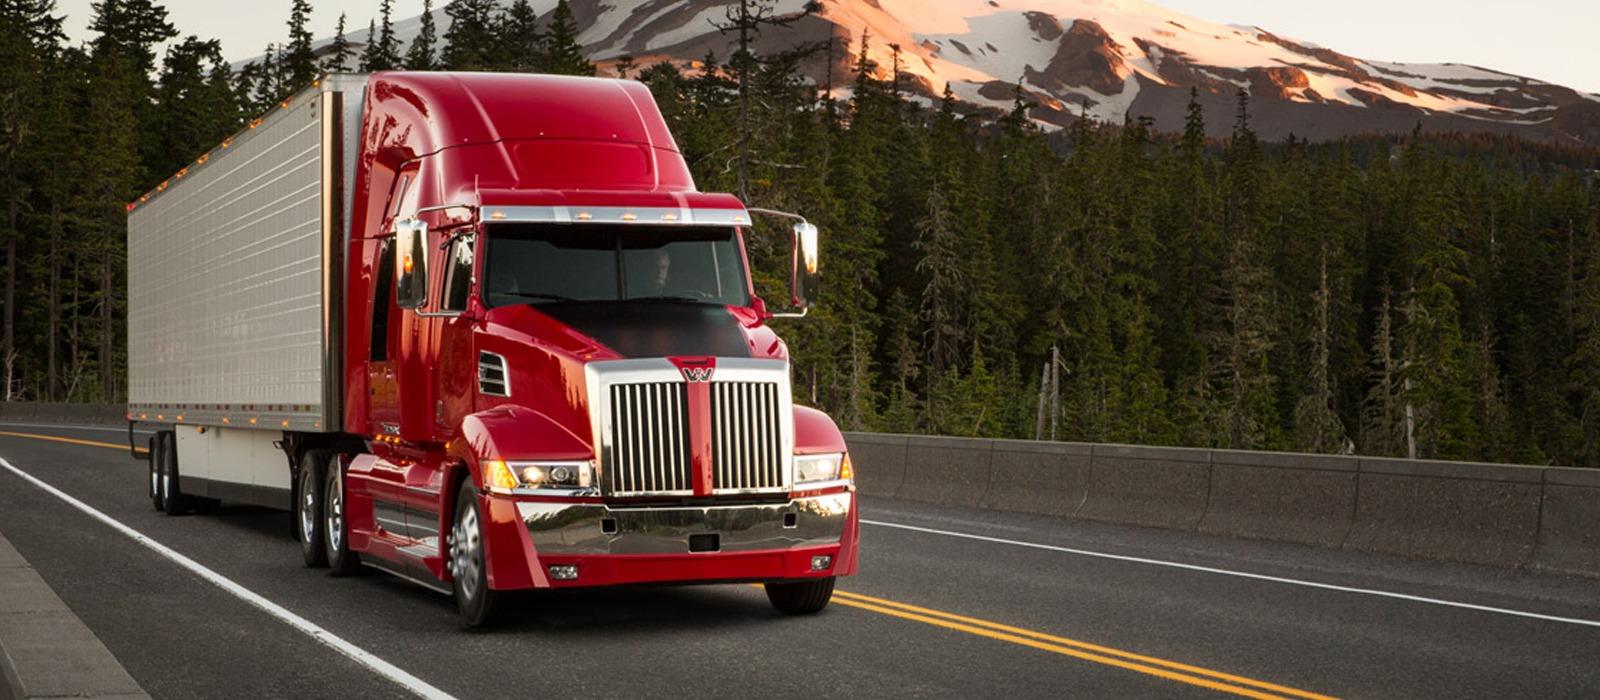 Bạn cần biết về nghề lái xe tải ở Canada